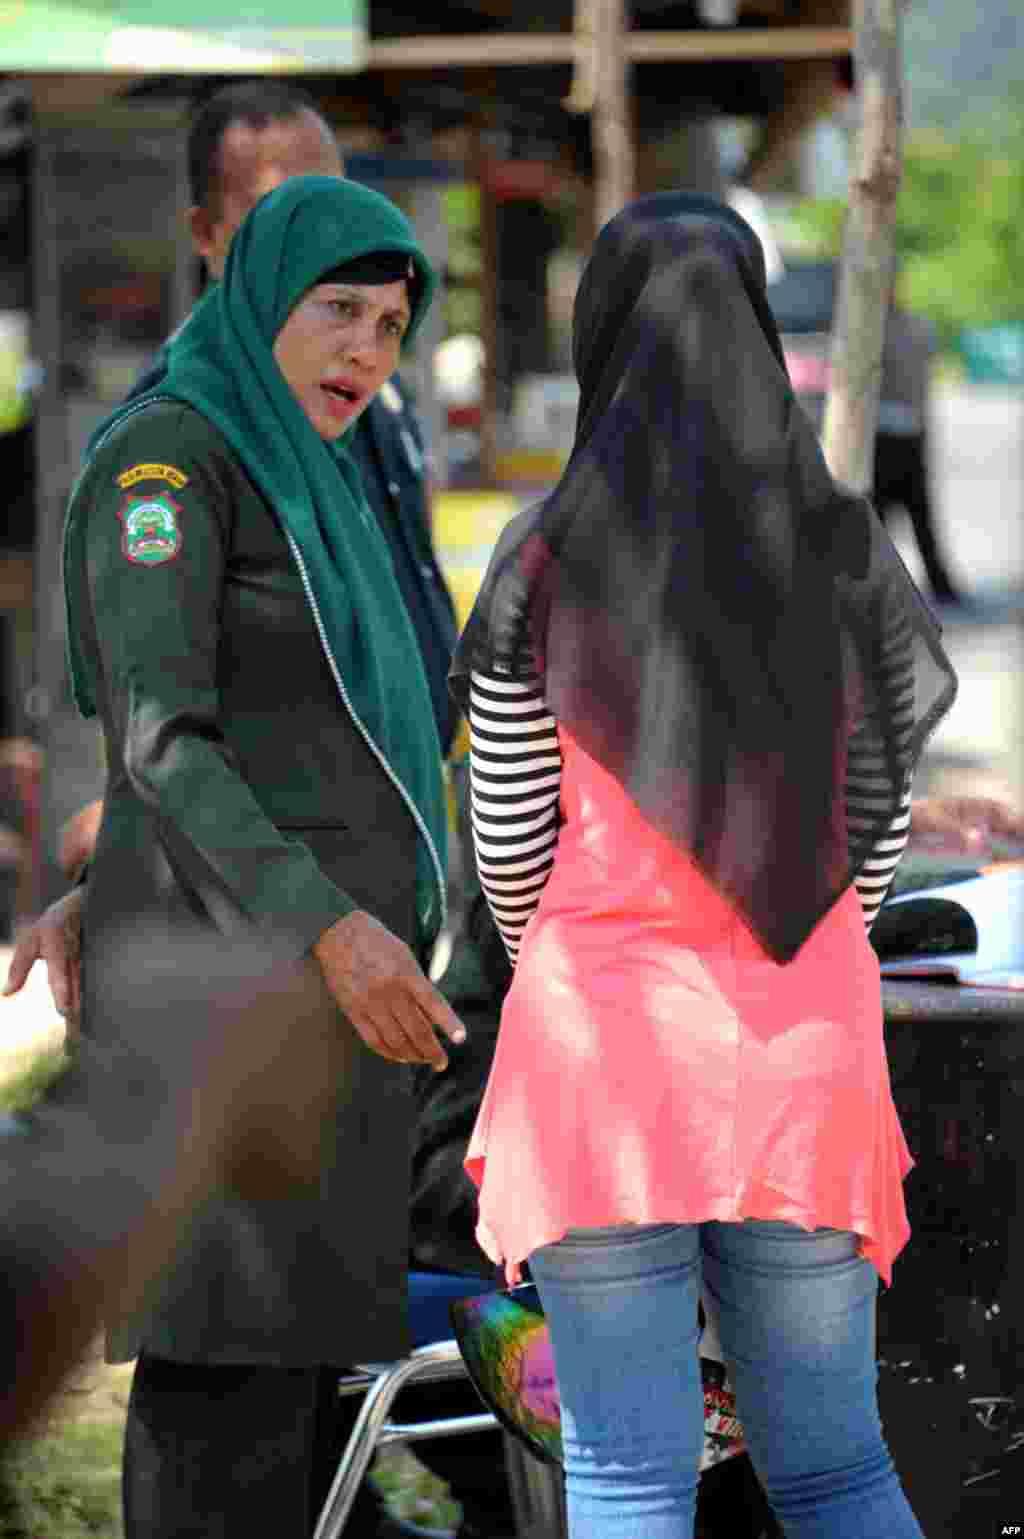 پلیس شریعت در حال تذکر دادن به یک زن اندونزیایی به خاطر پوشیدن شلوار جین تنگ